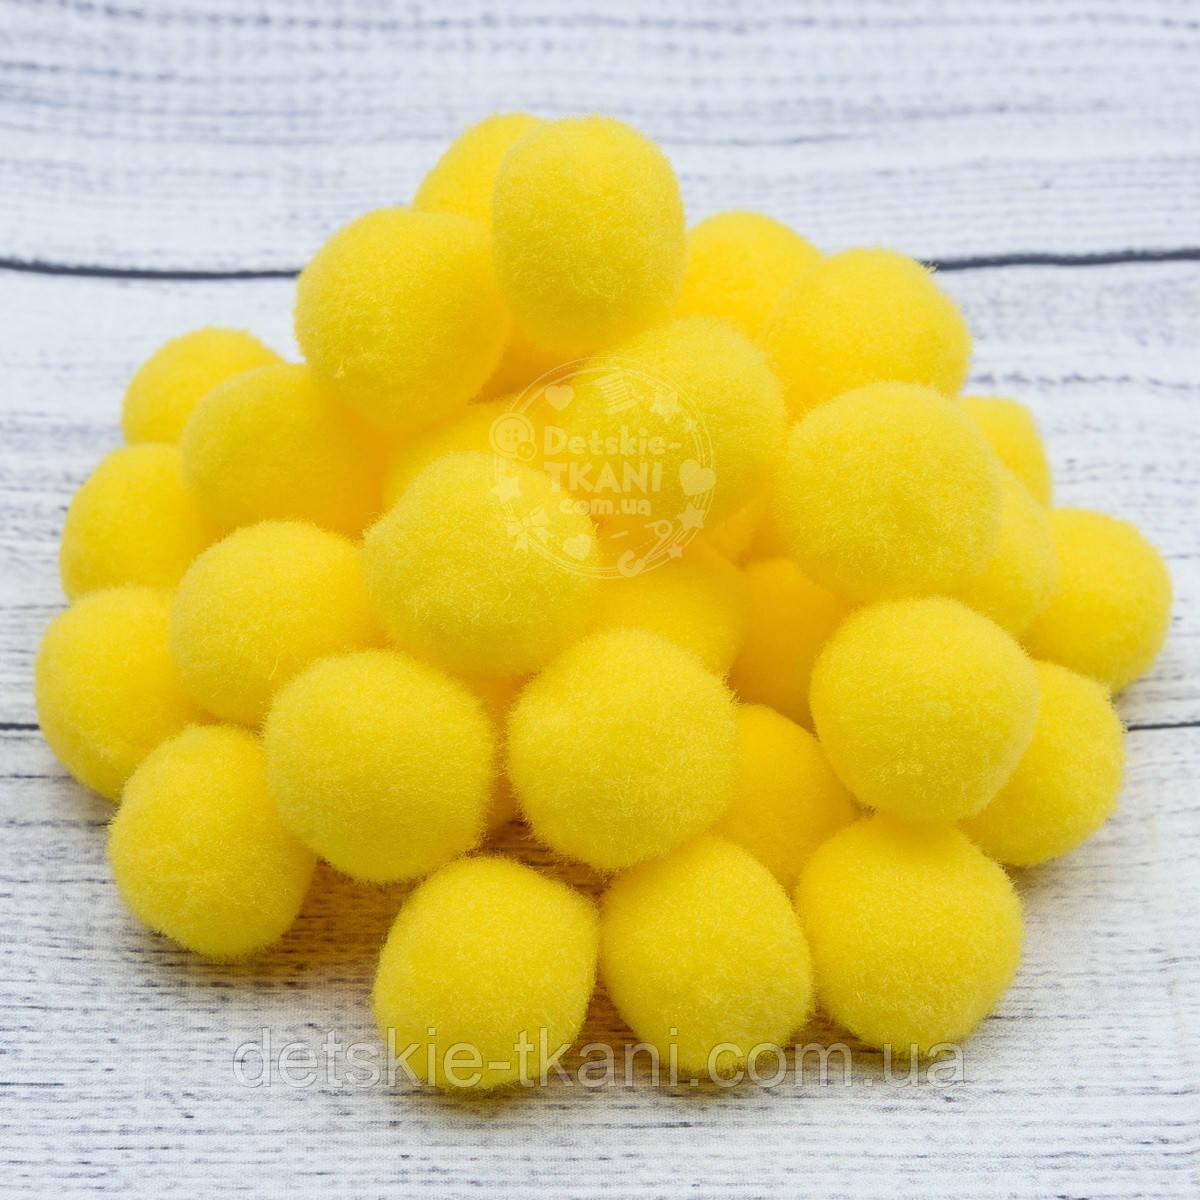 Плюшевые помпоны  жёлтого цвета 20 мм, упаковка 20 шт